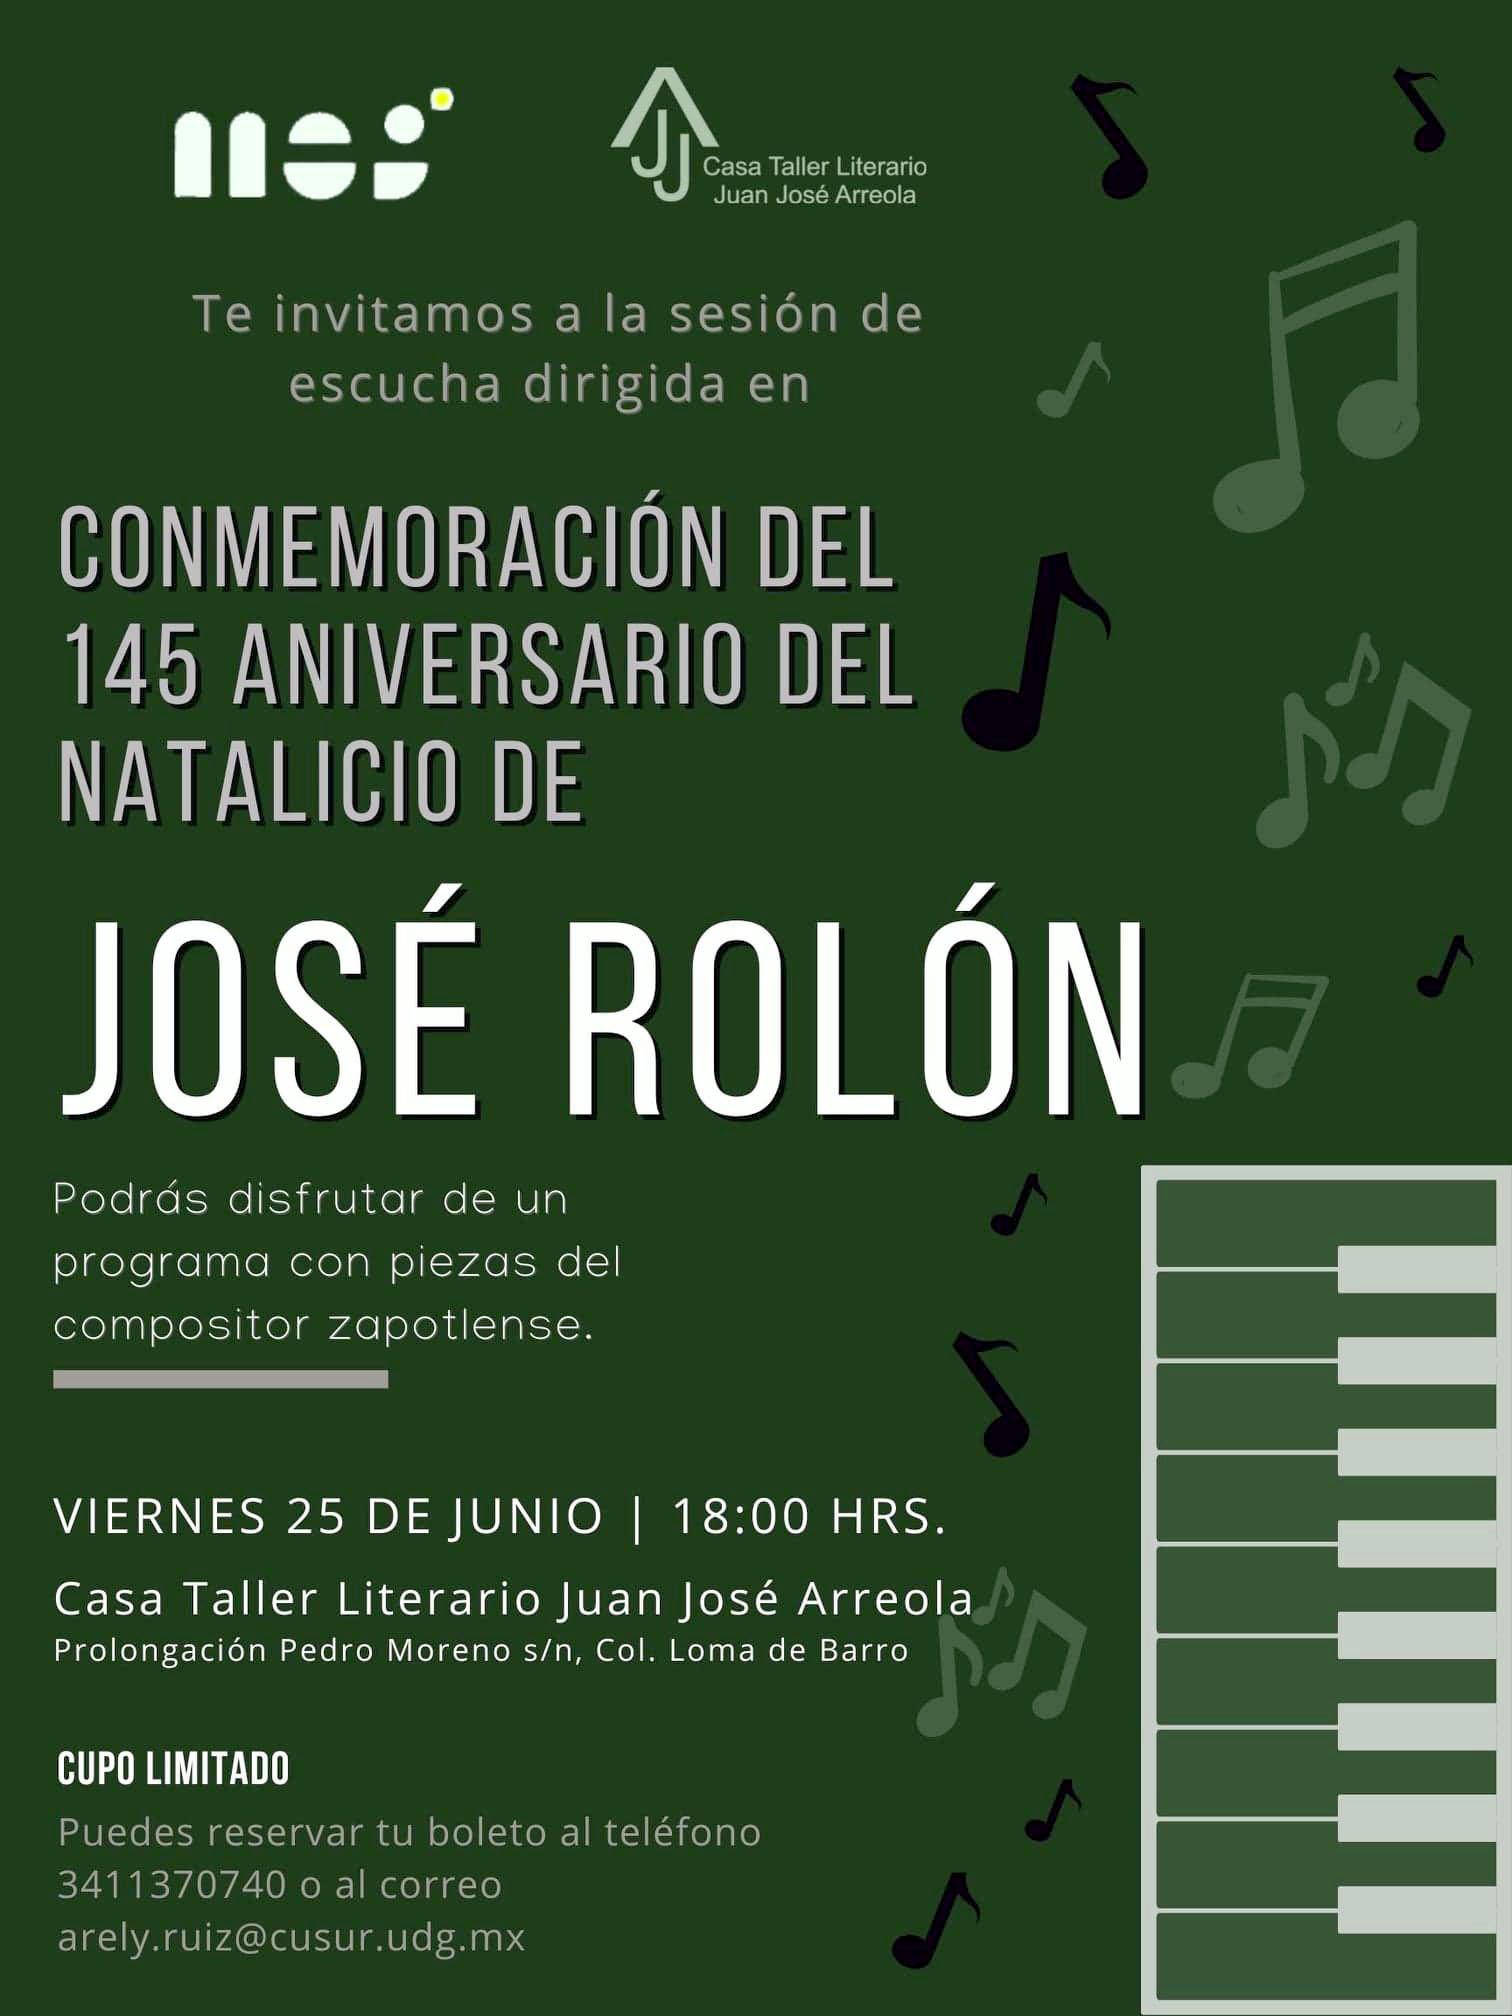 Conmemoración del 145 aniversario del natalicio de José Rolón